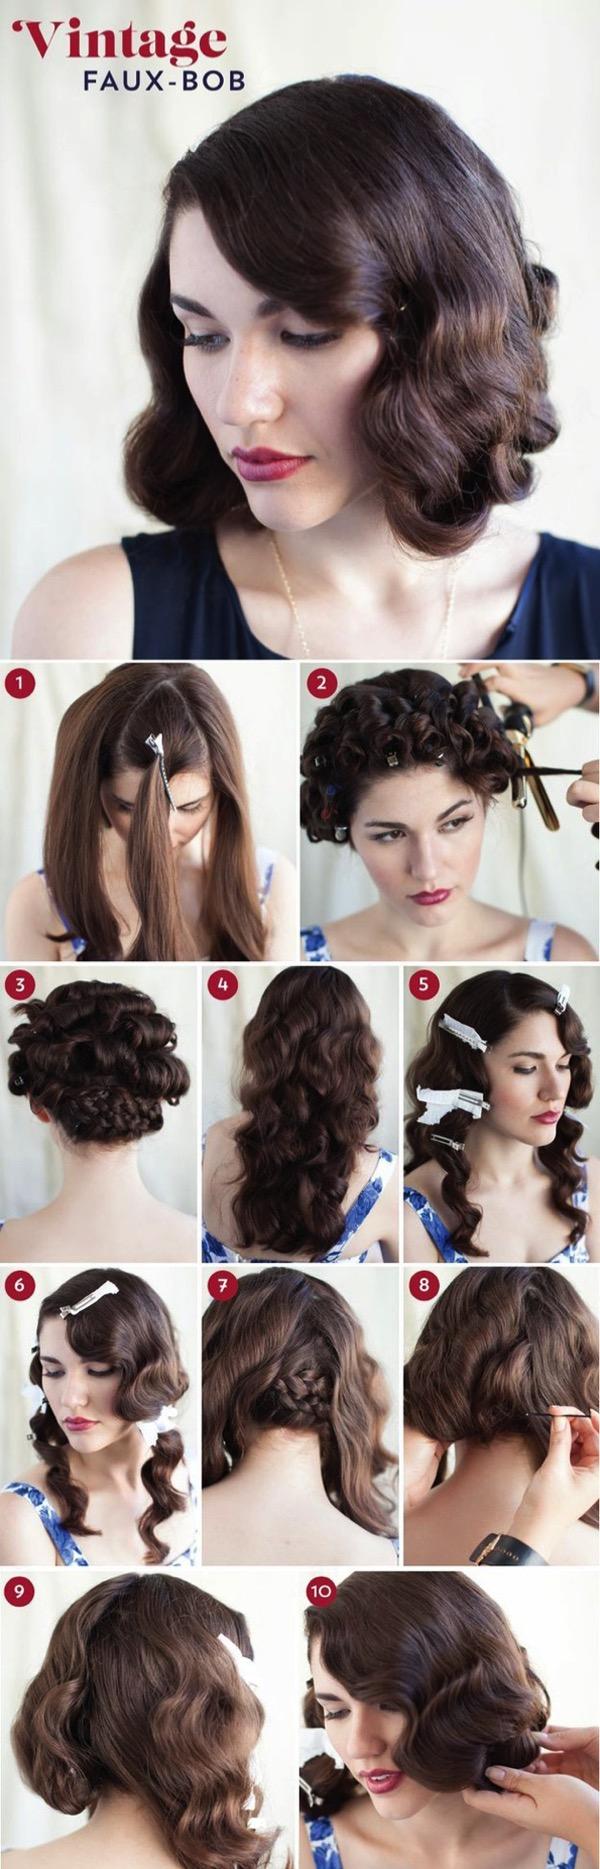 Cómo hacer Peinados de princesa de Disney paso a paso 7